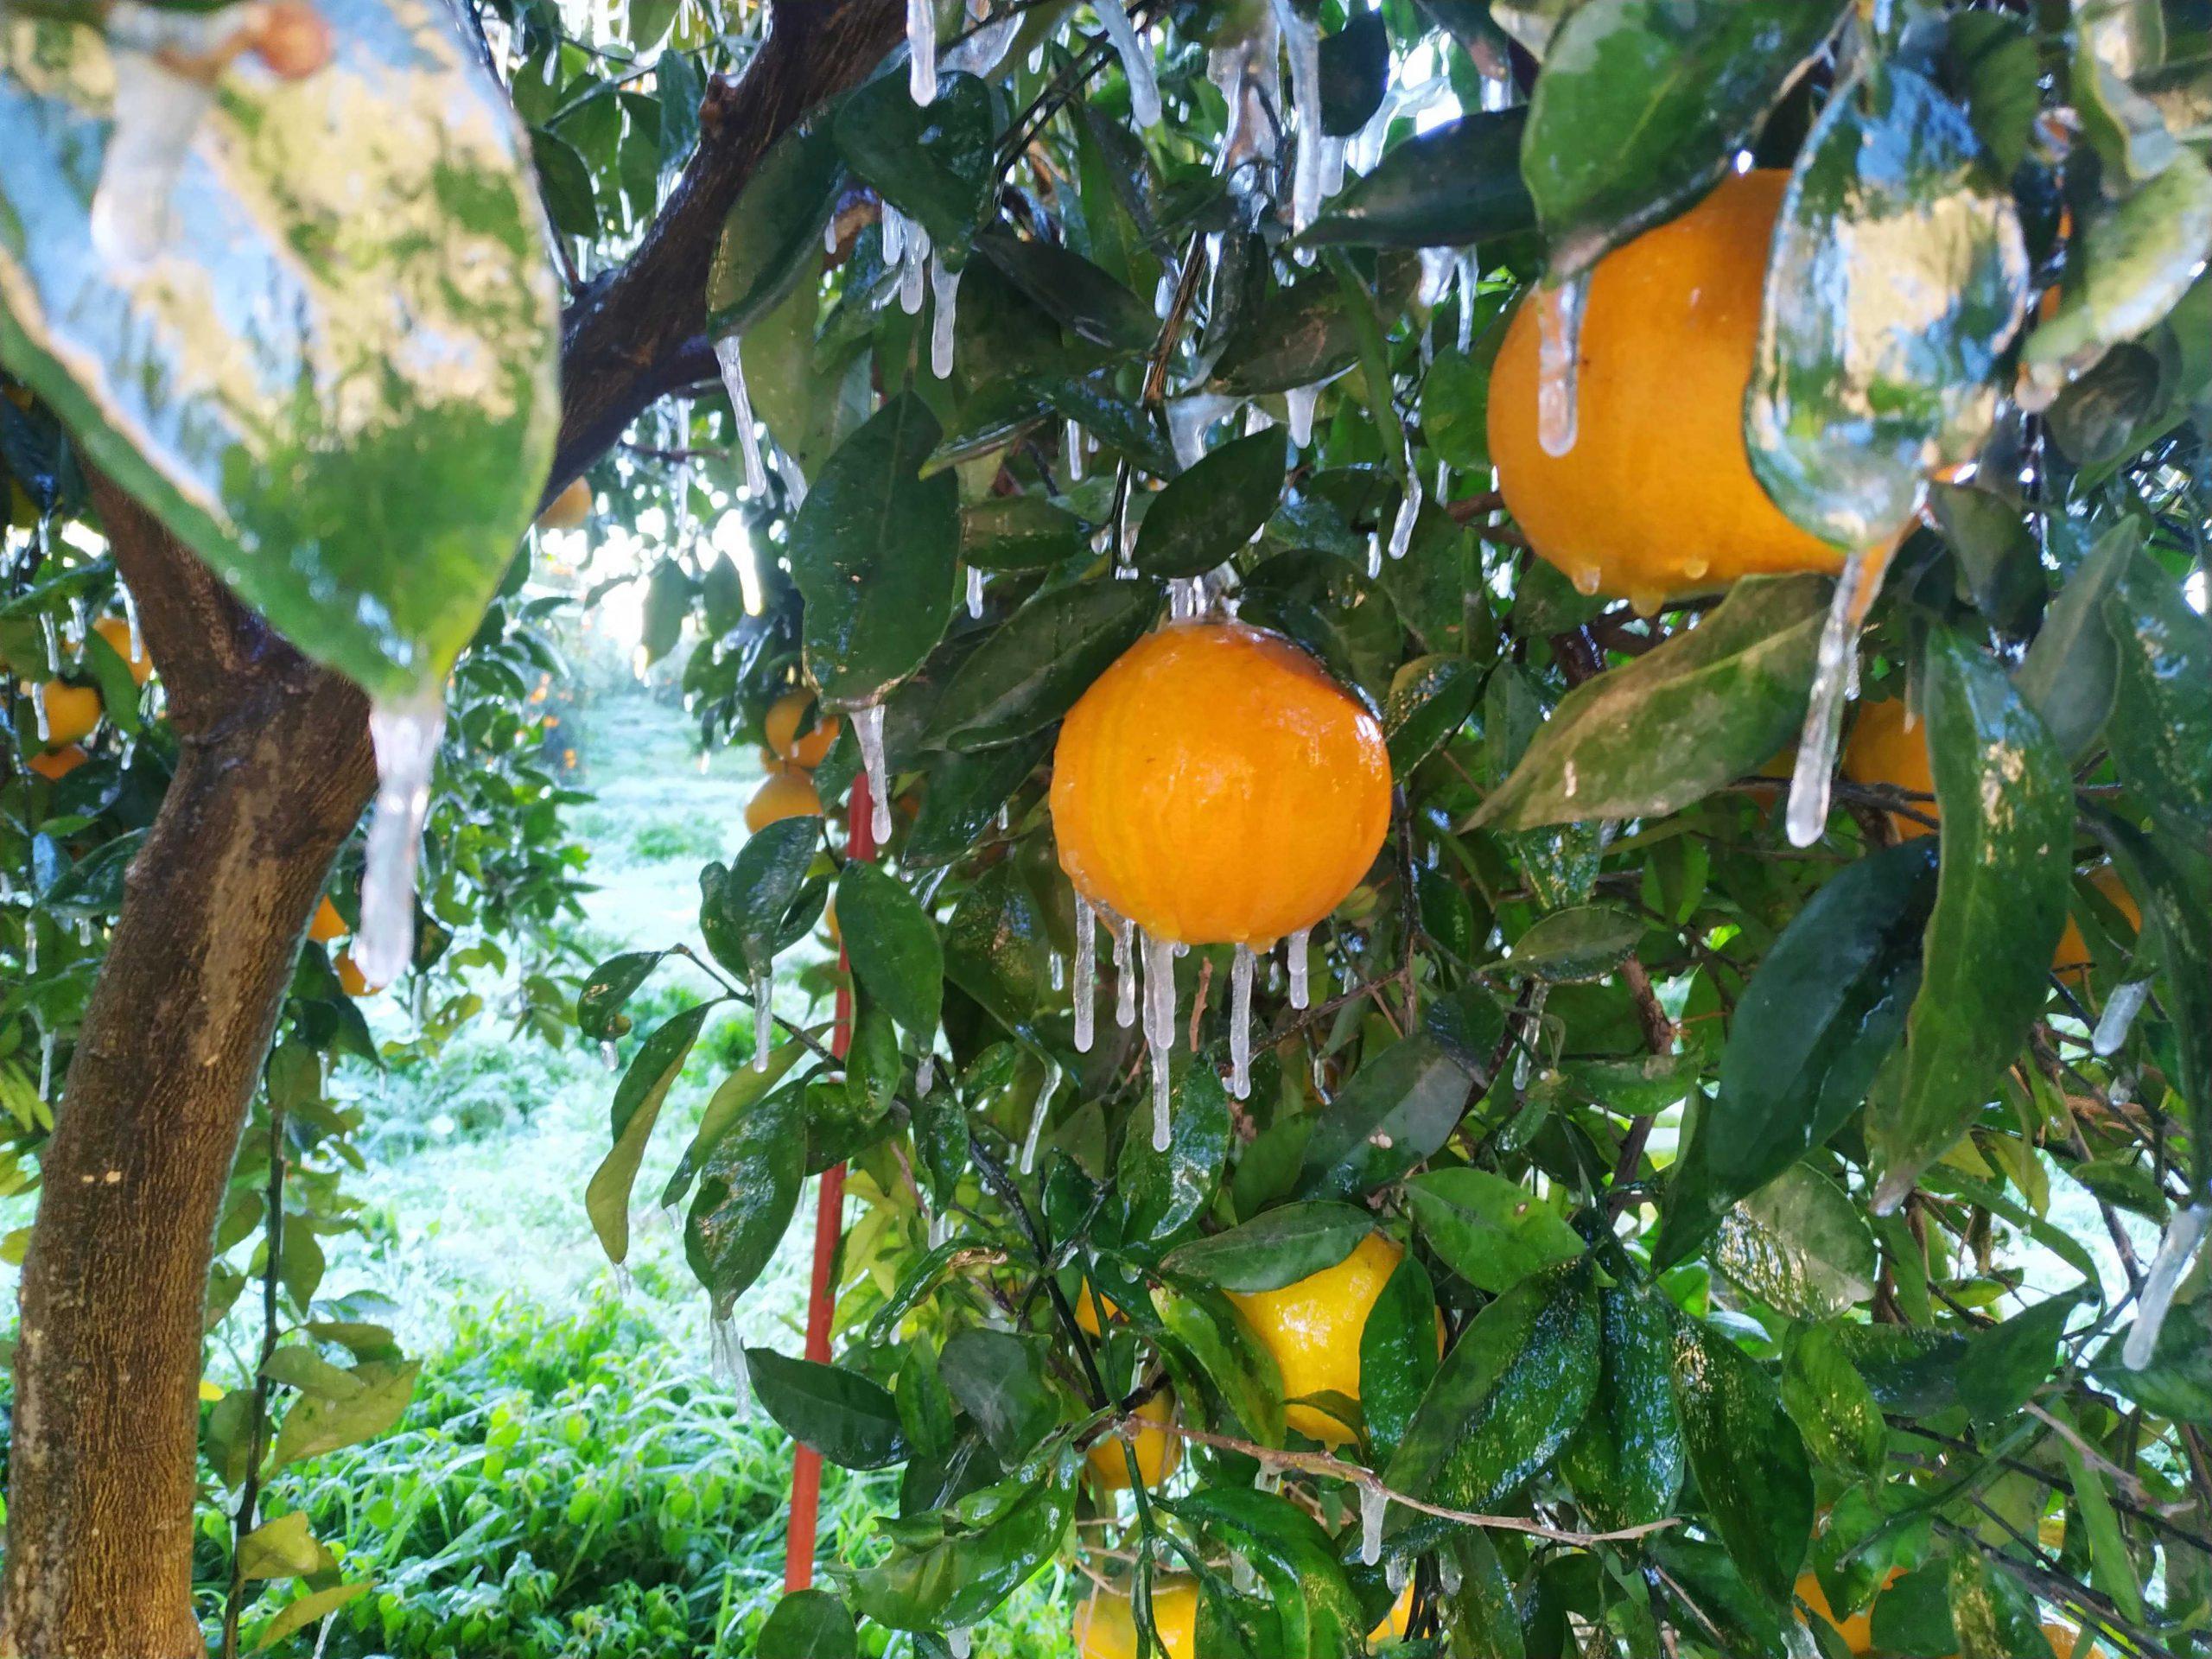 Frozen oranges on an orange tree